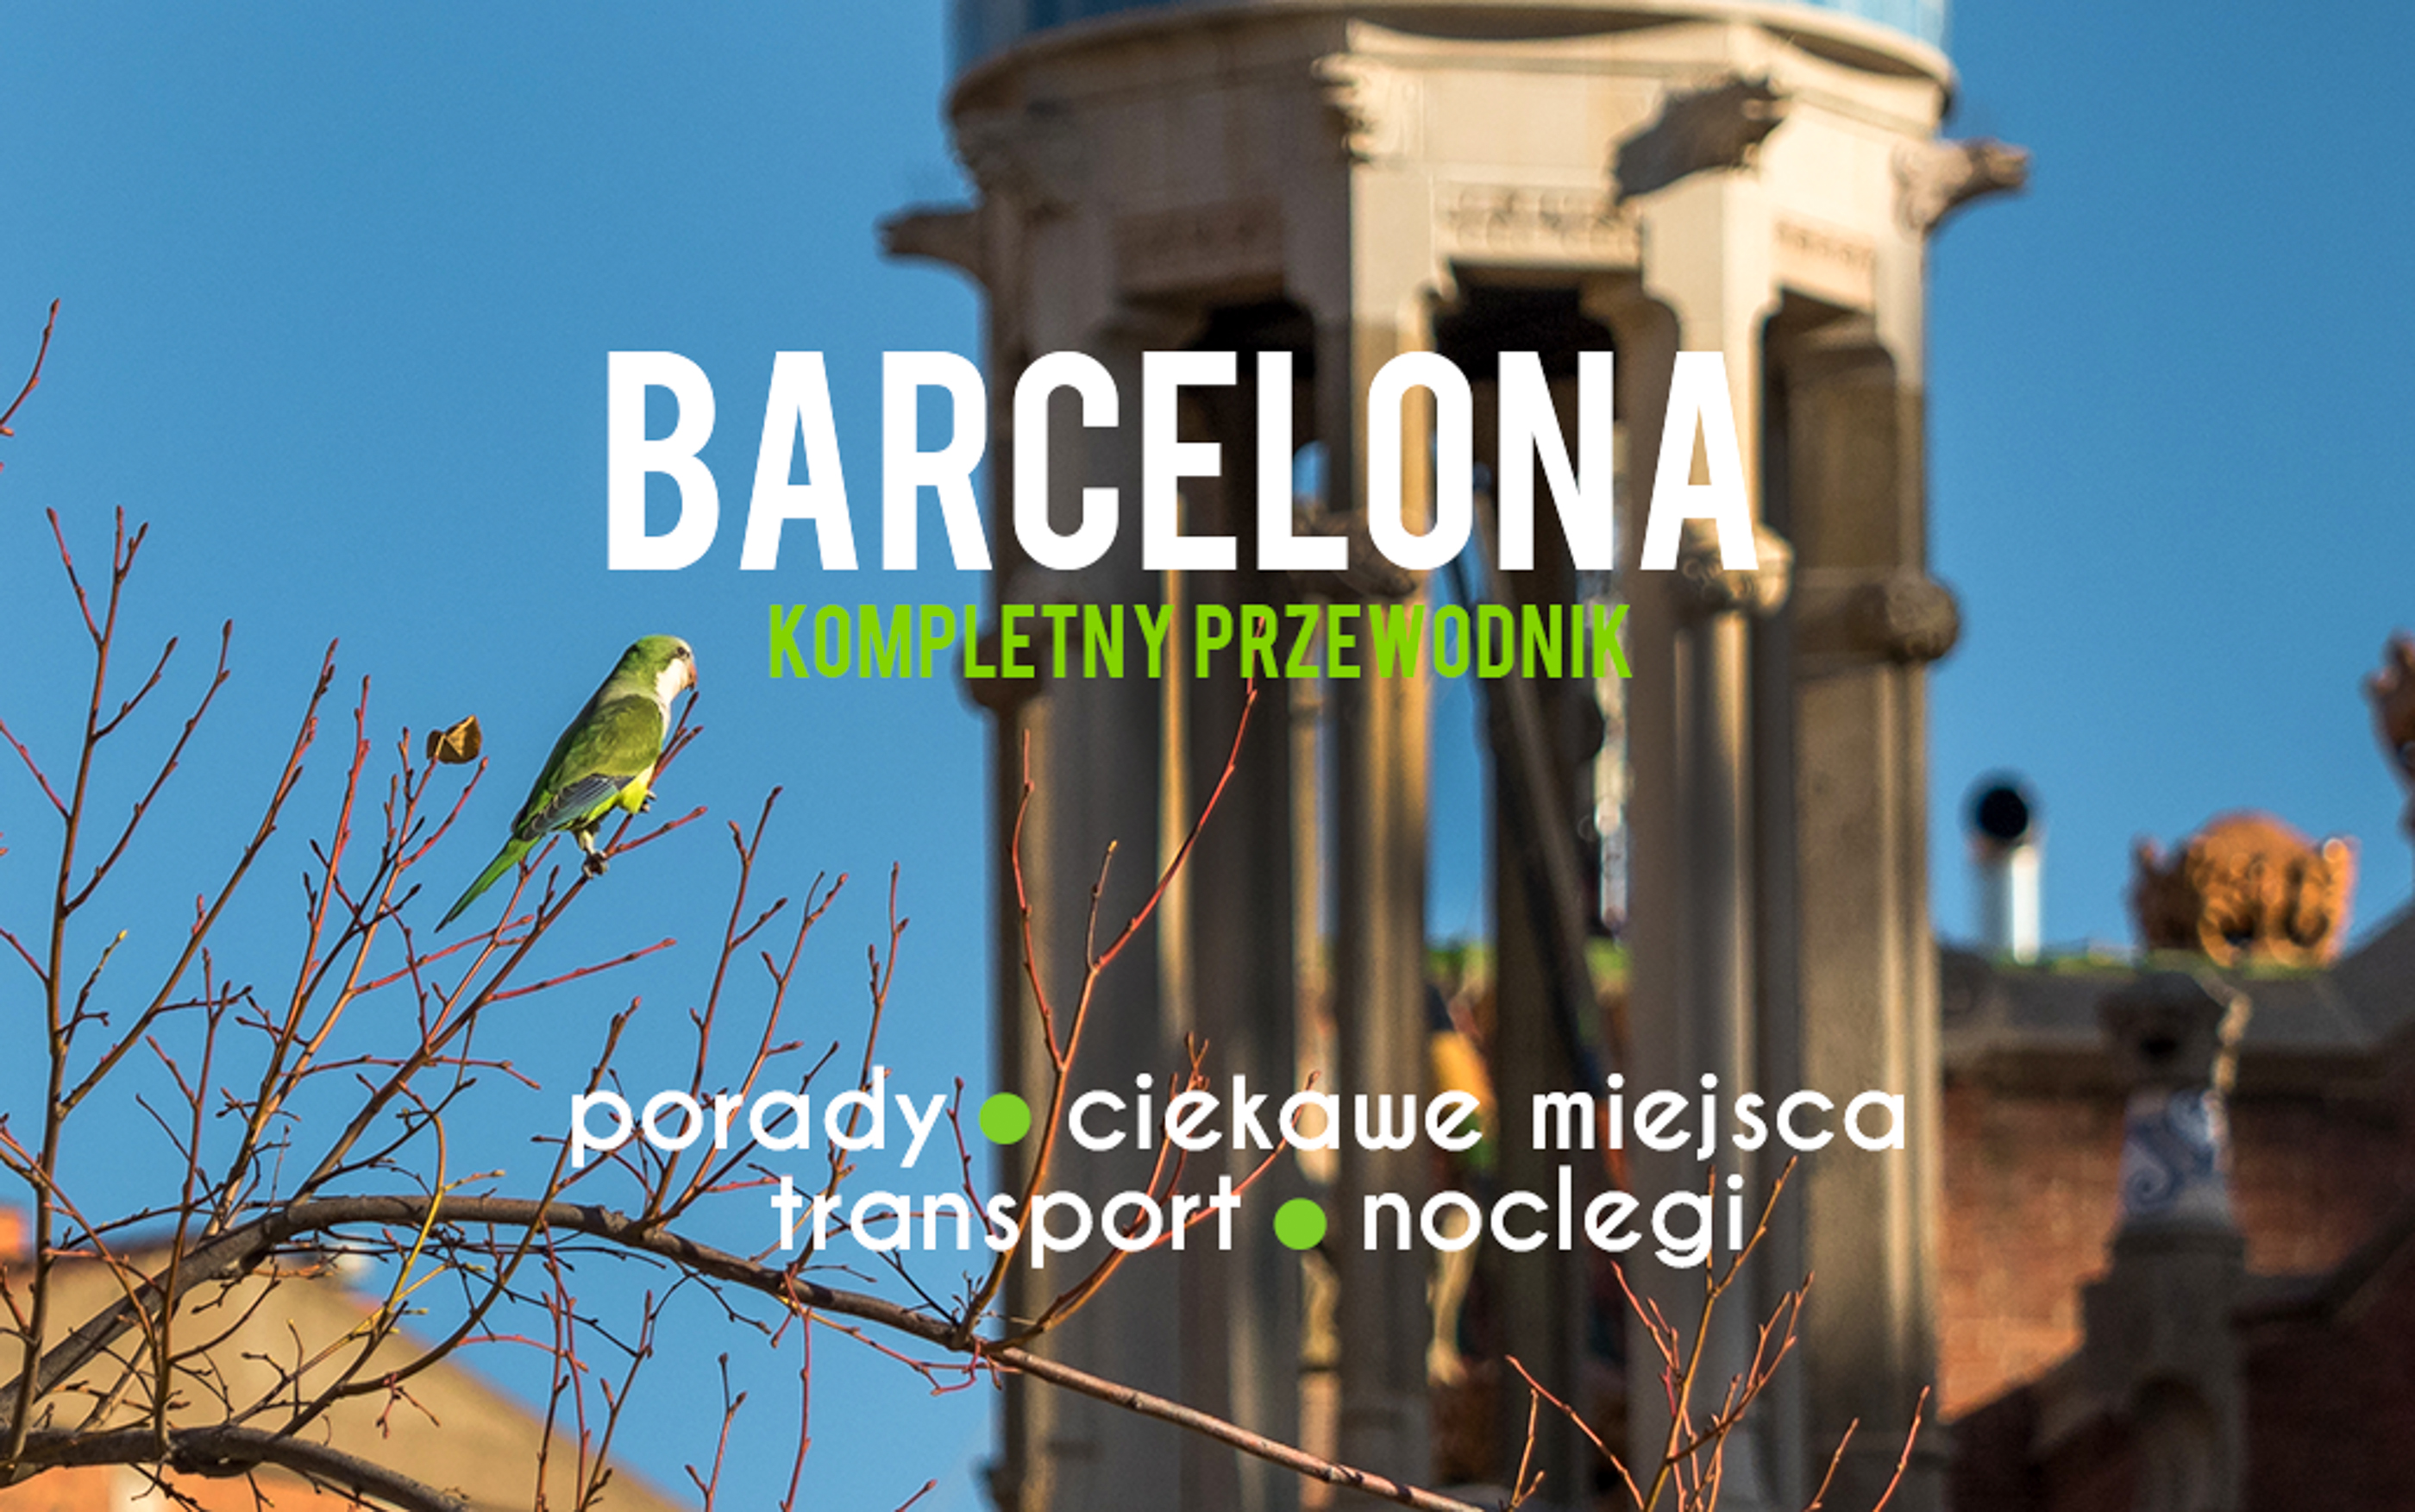 barcelona-zabytki-ciekawe-miejsca-porady-transport-noclegi-co-zobaczyc-atrakcje